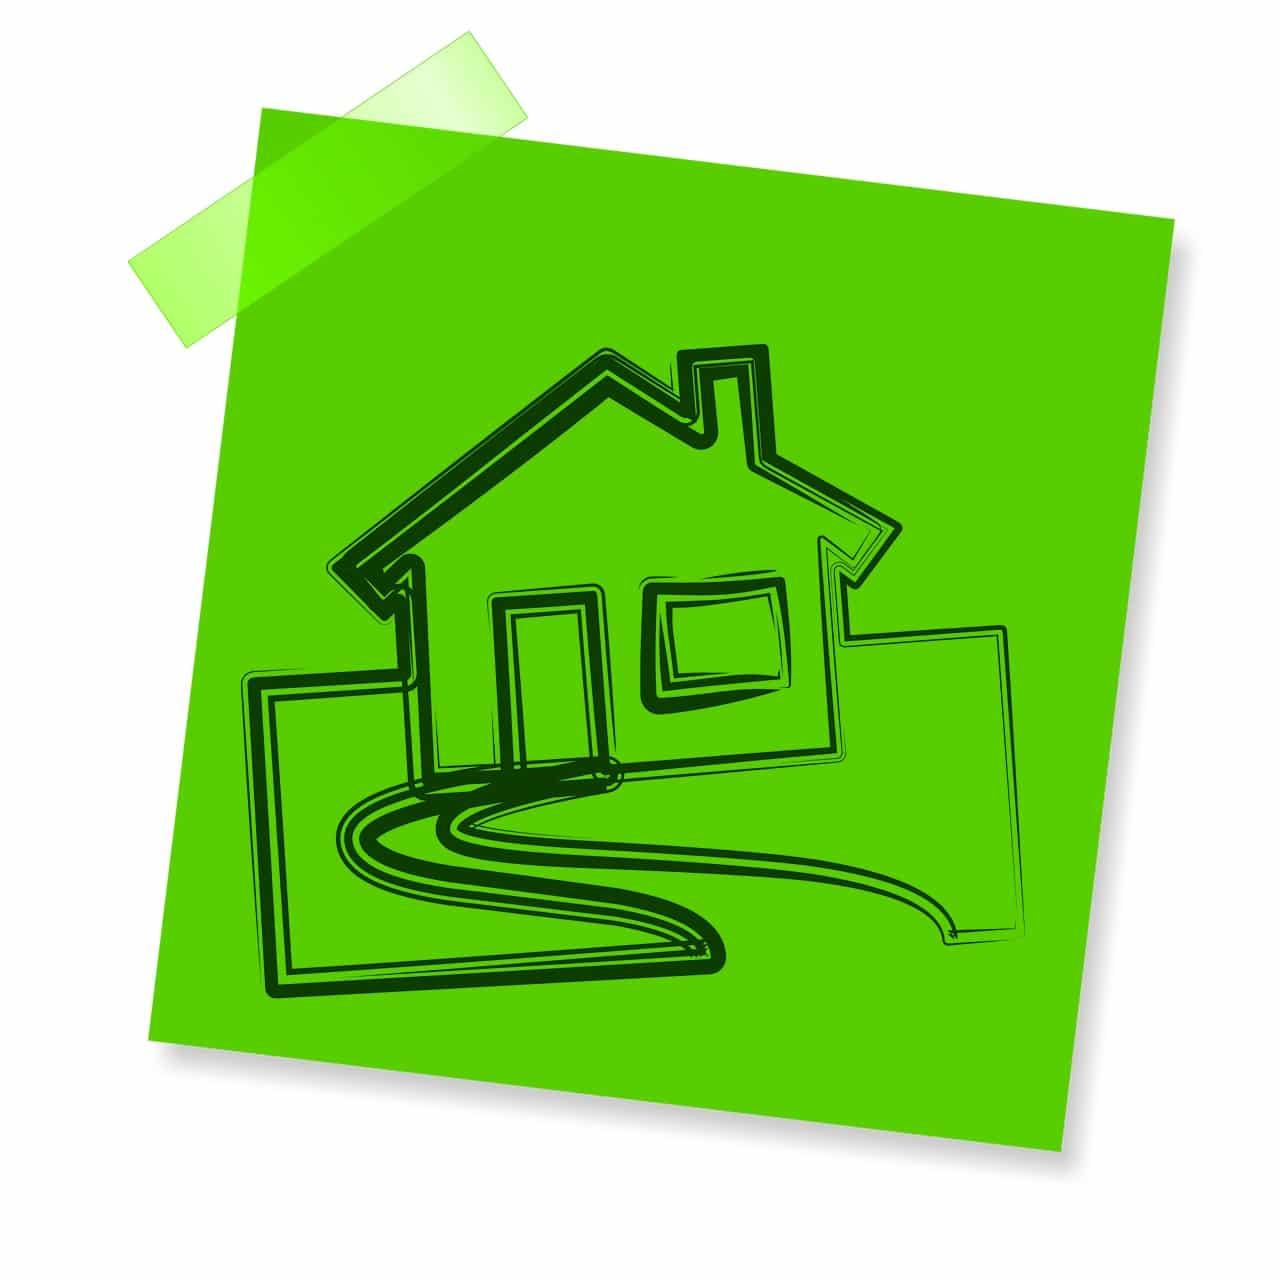 Construire une maison avec imprimante 3d maison moderne for Construire une maison en 3d